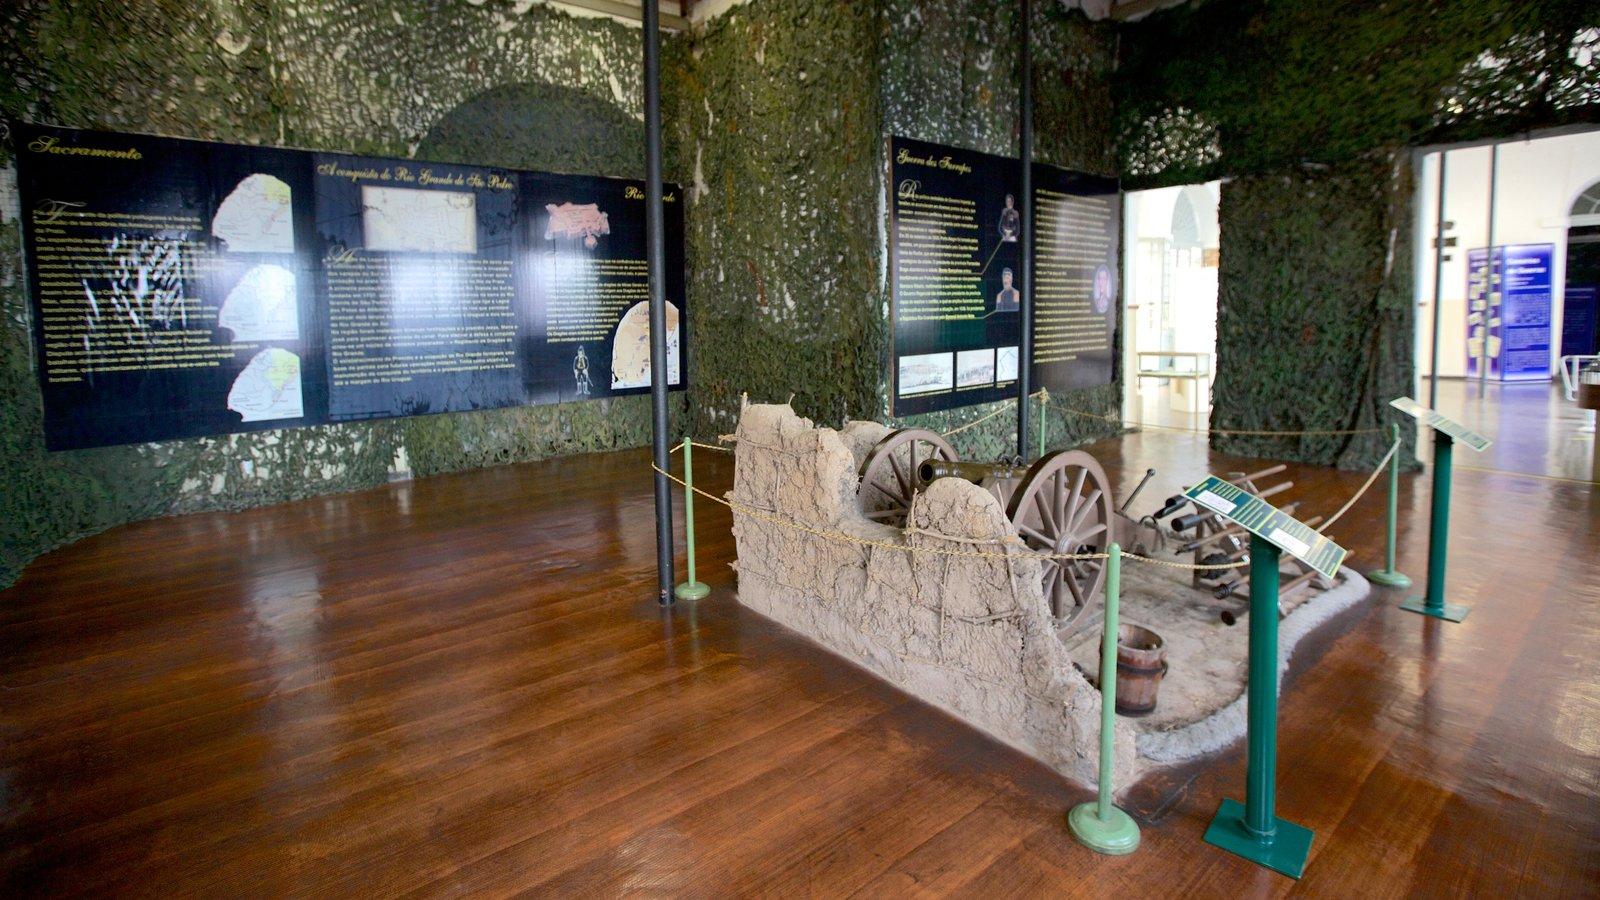 Museu Militar mostrando itens militares e vistas internas